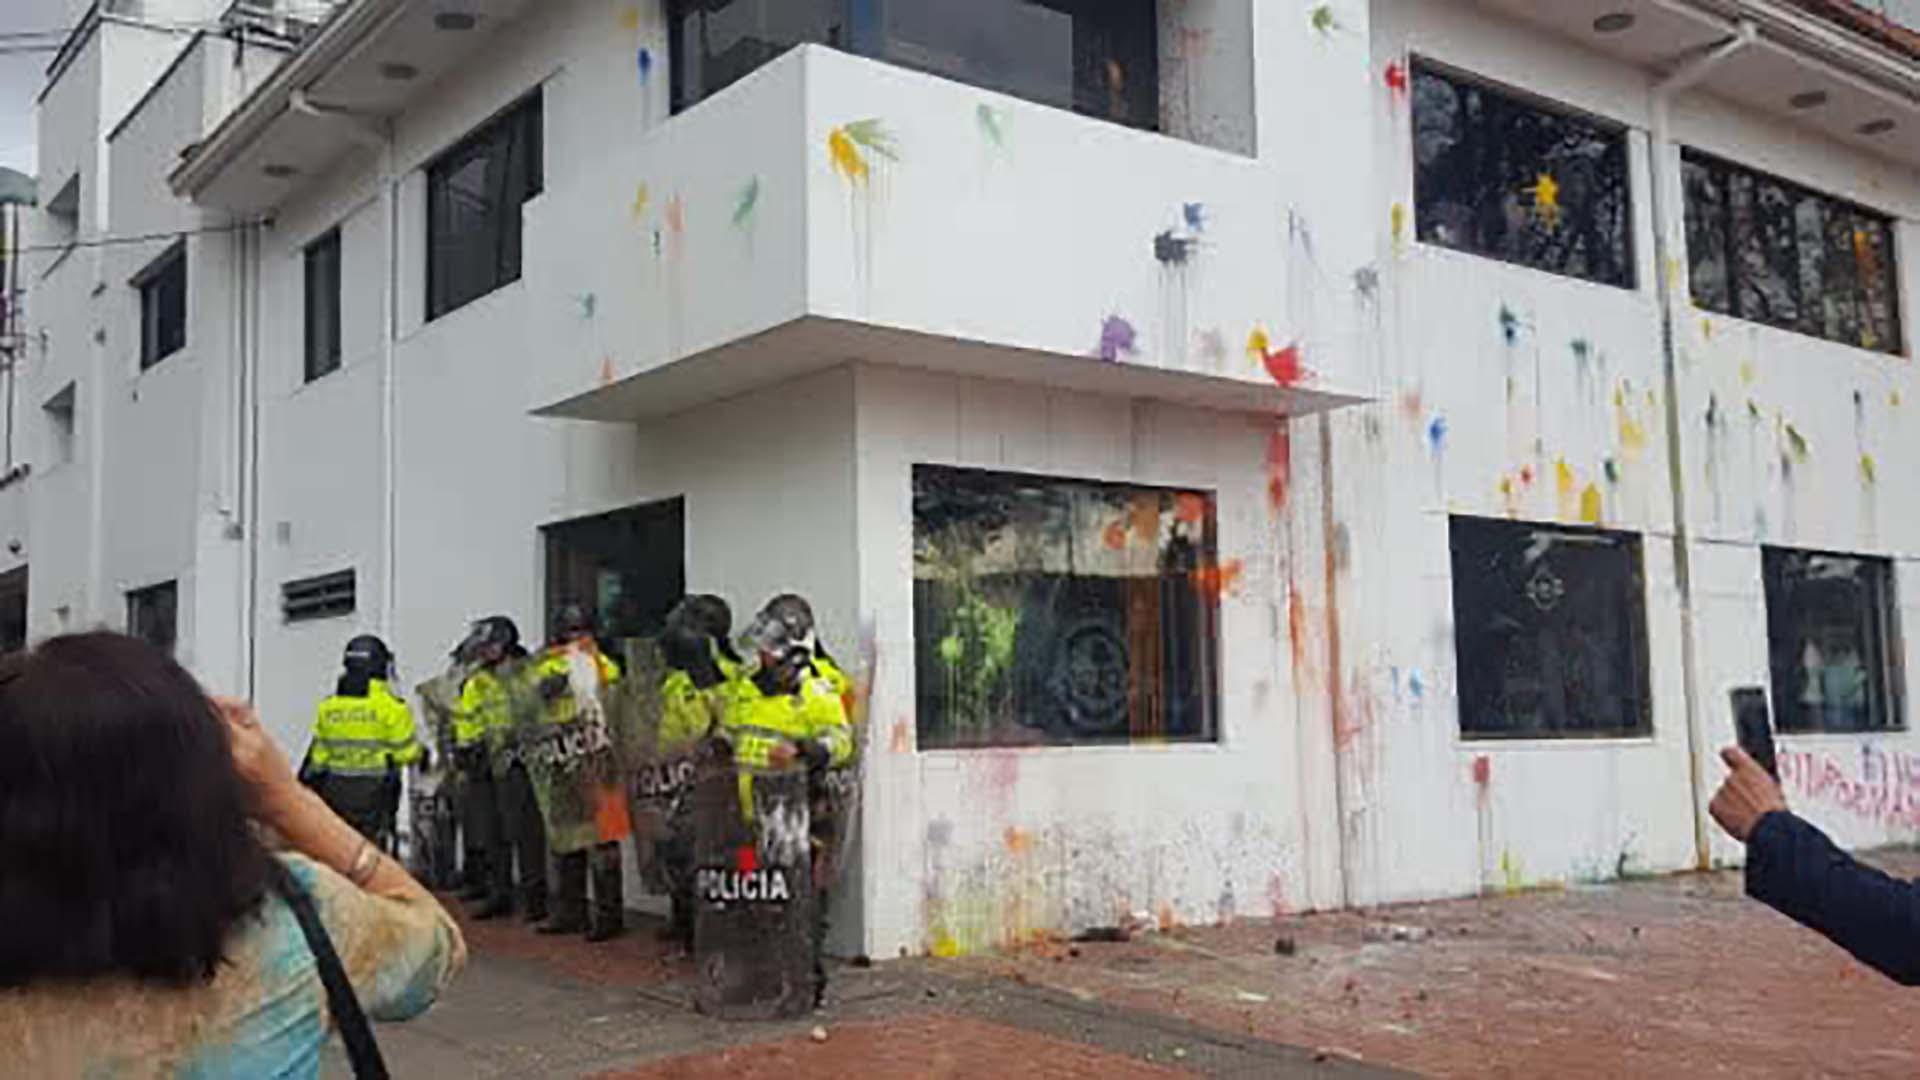 El frente de la emisora tras el ataque (Gentileza: Noticias RCN)